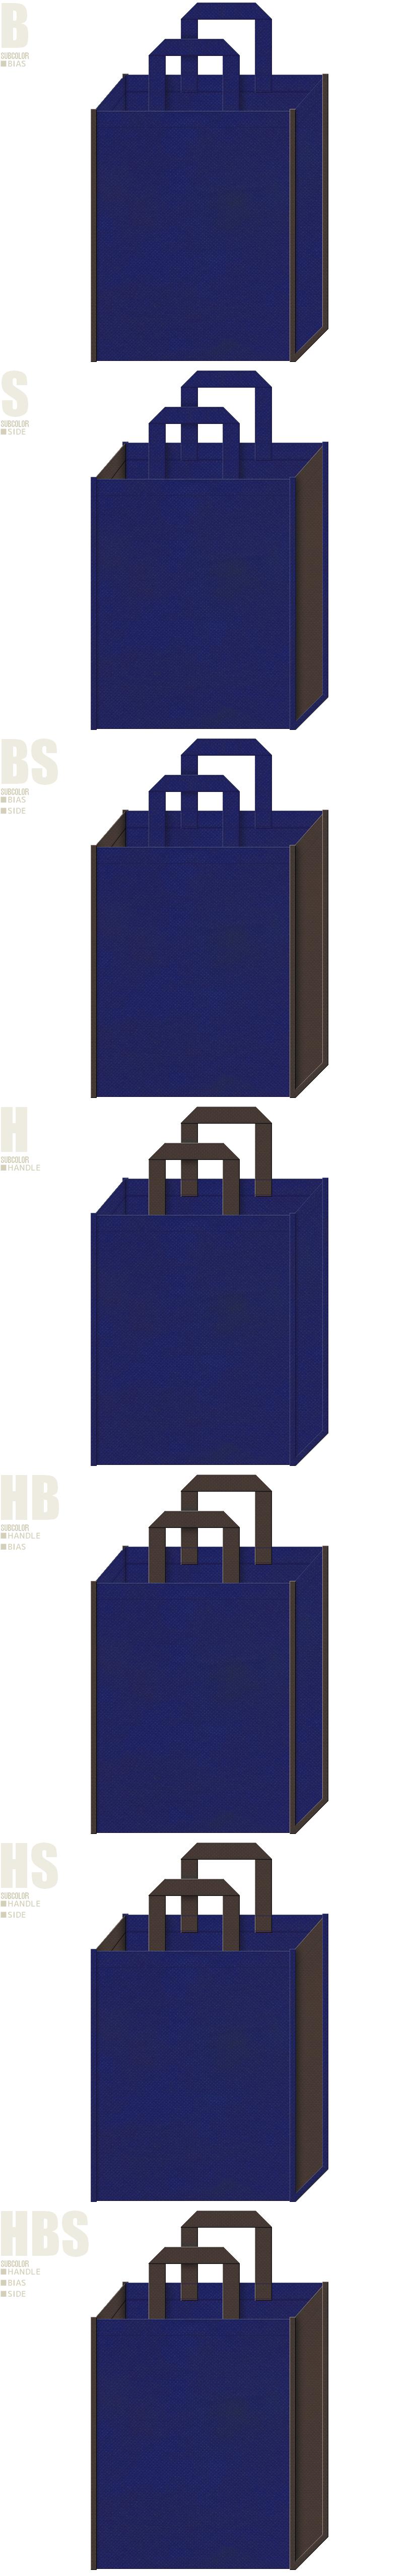 ゲームのバッグノベルティにお奨めの、紺紫色とこげ茶色-7パターンの不織布トートバッグ配色デザイン例。地下牢、迷路イメージ